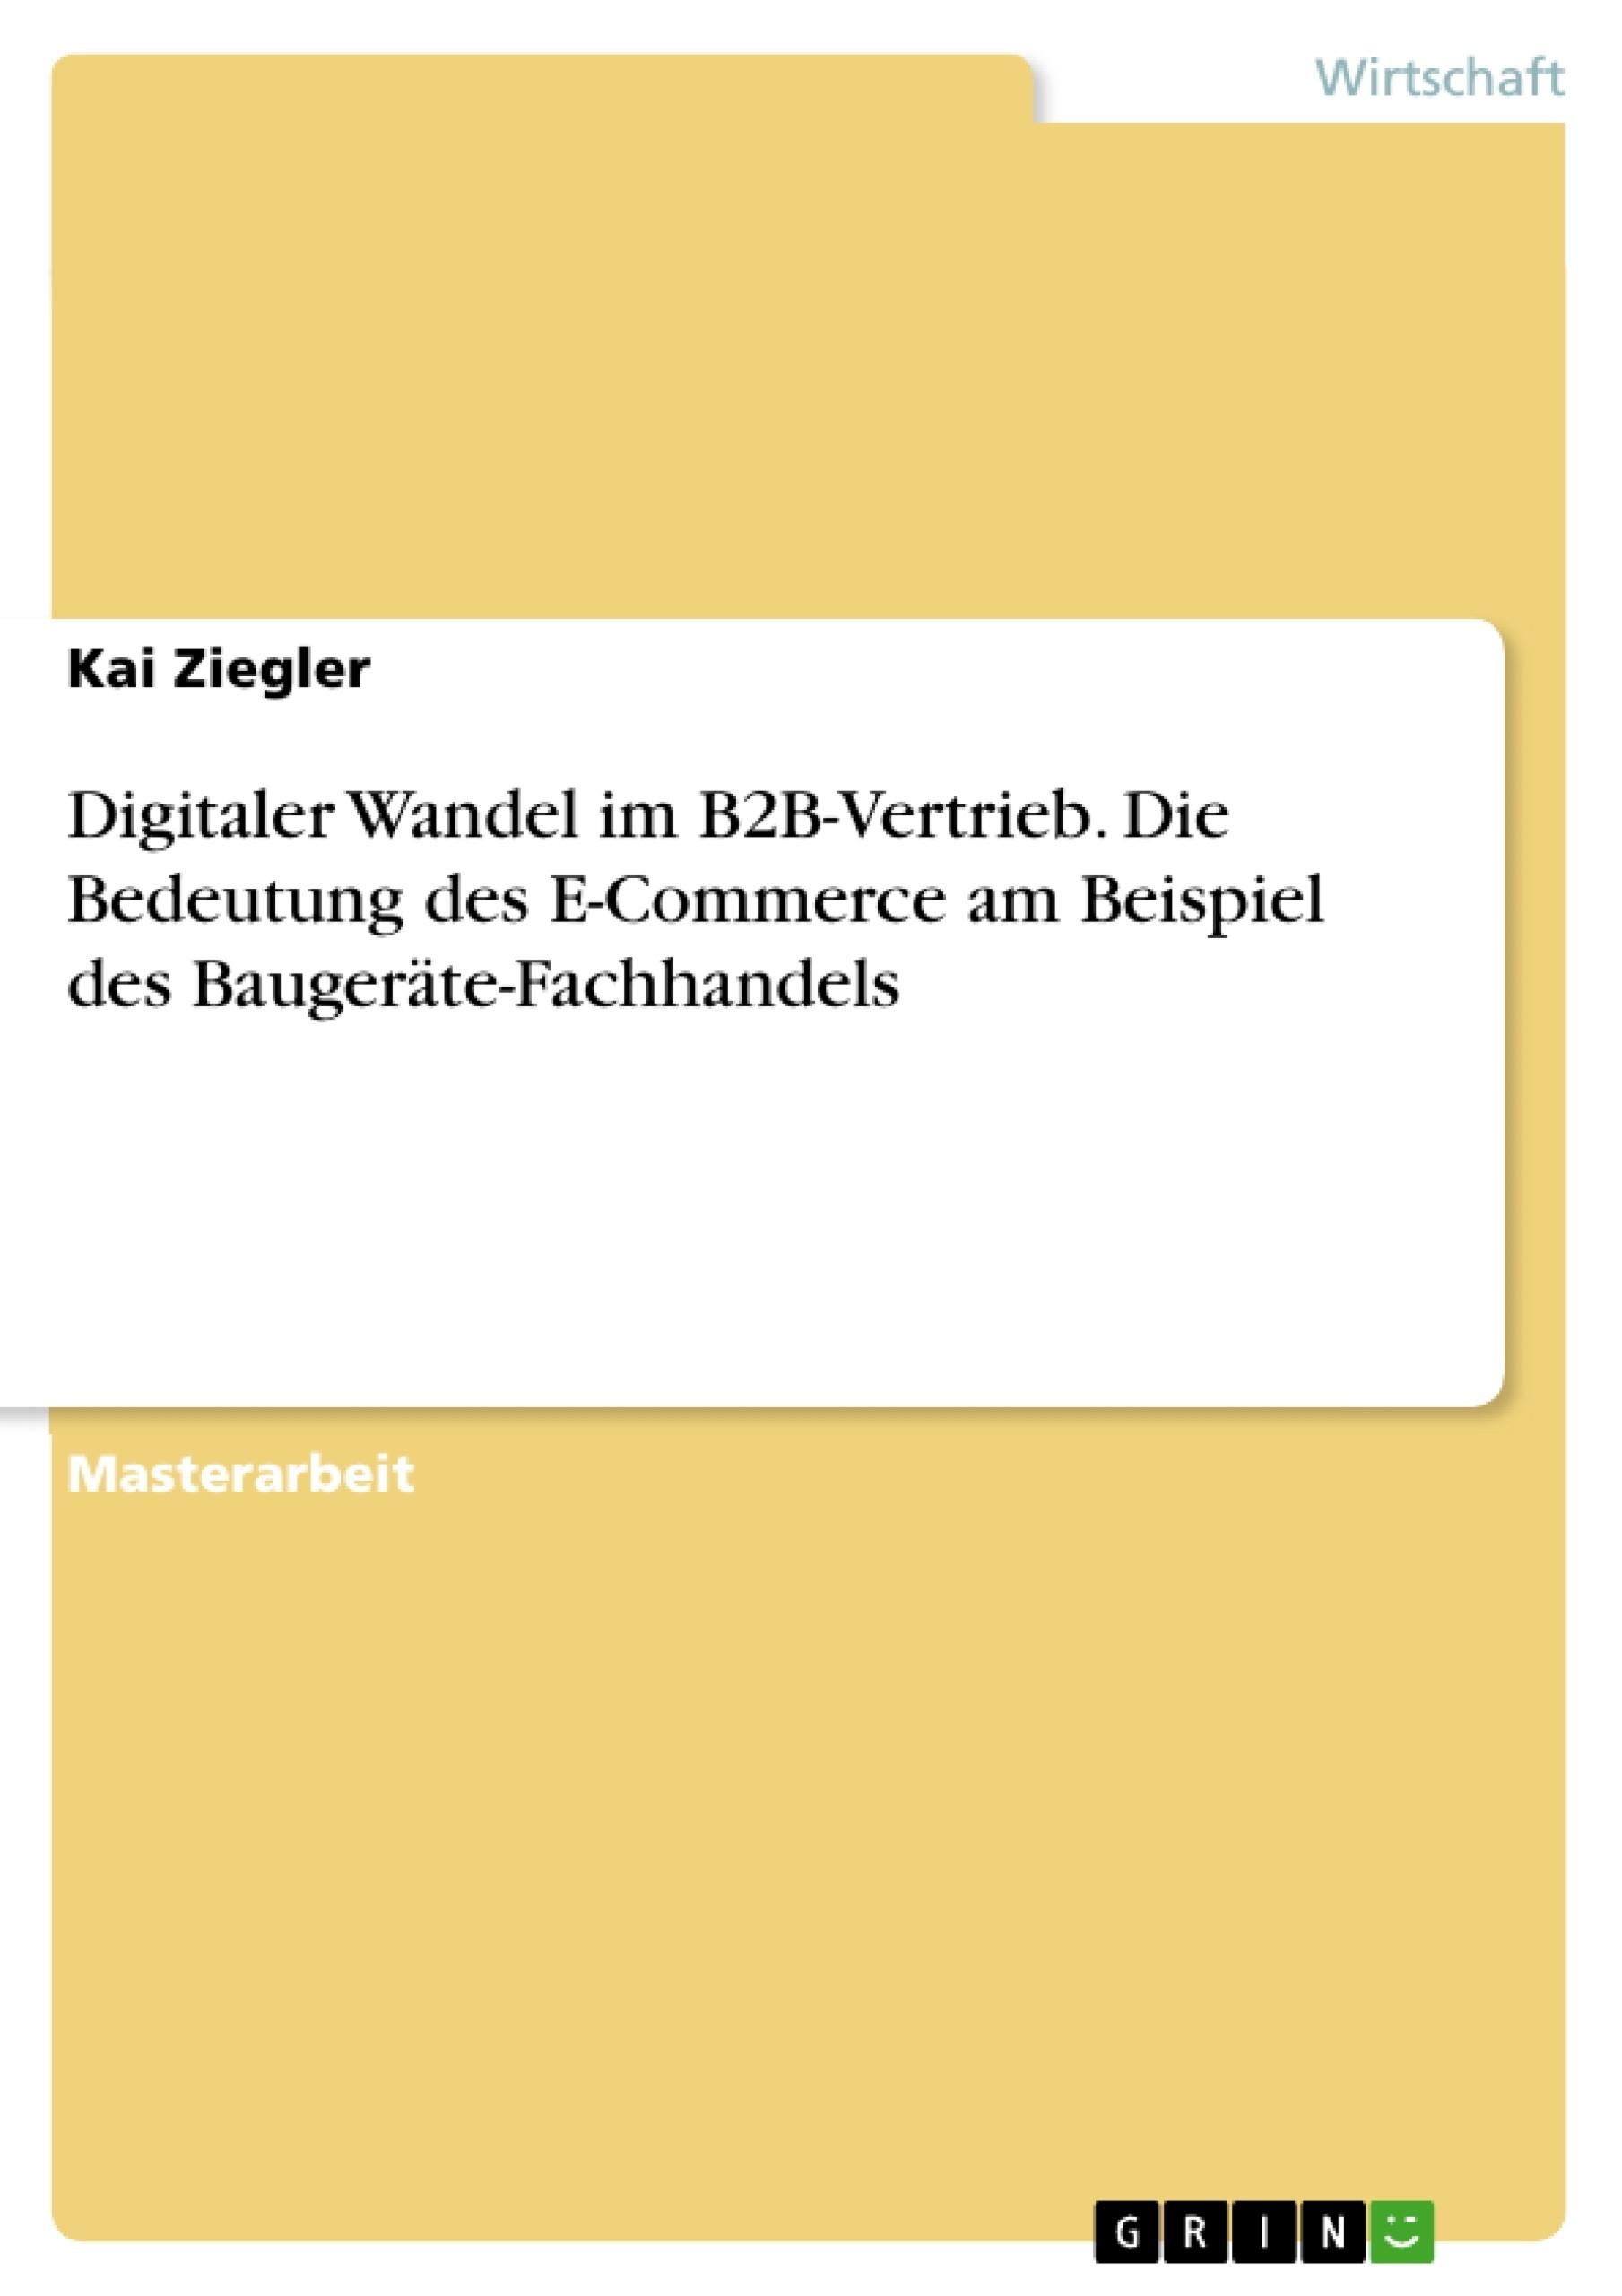 Titel: Digitaler Wandel im B2B-Vertrieb. Die Bedeutung des E-Commerce am Beispiel des Baugeräte-Fachhandels